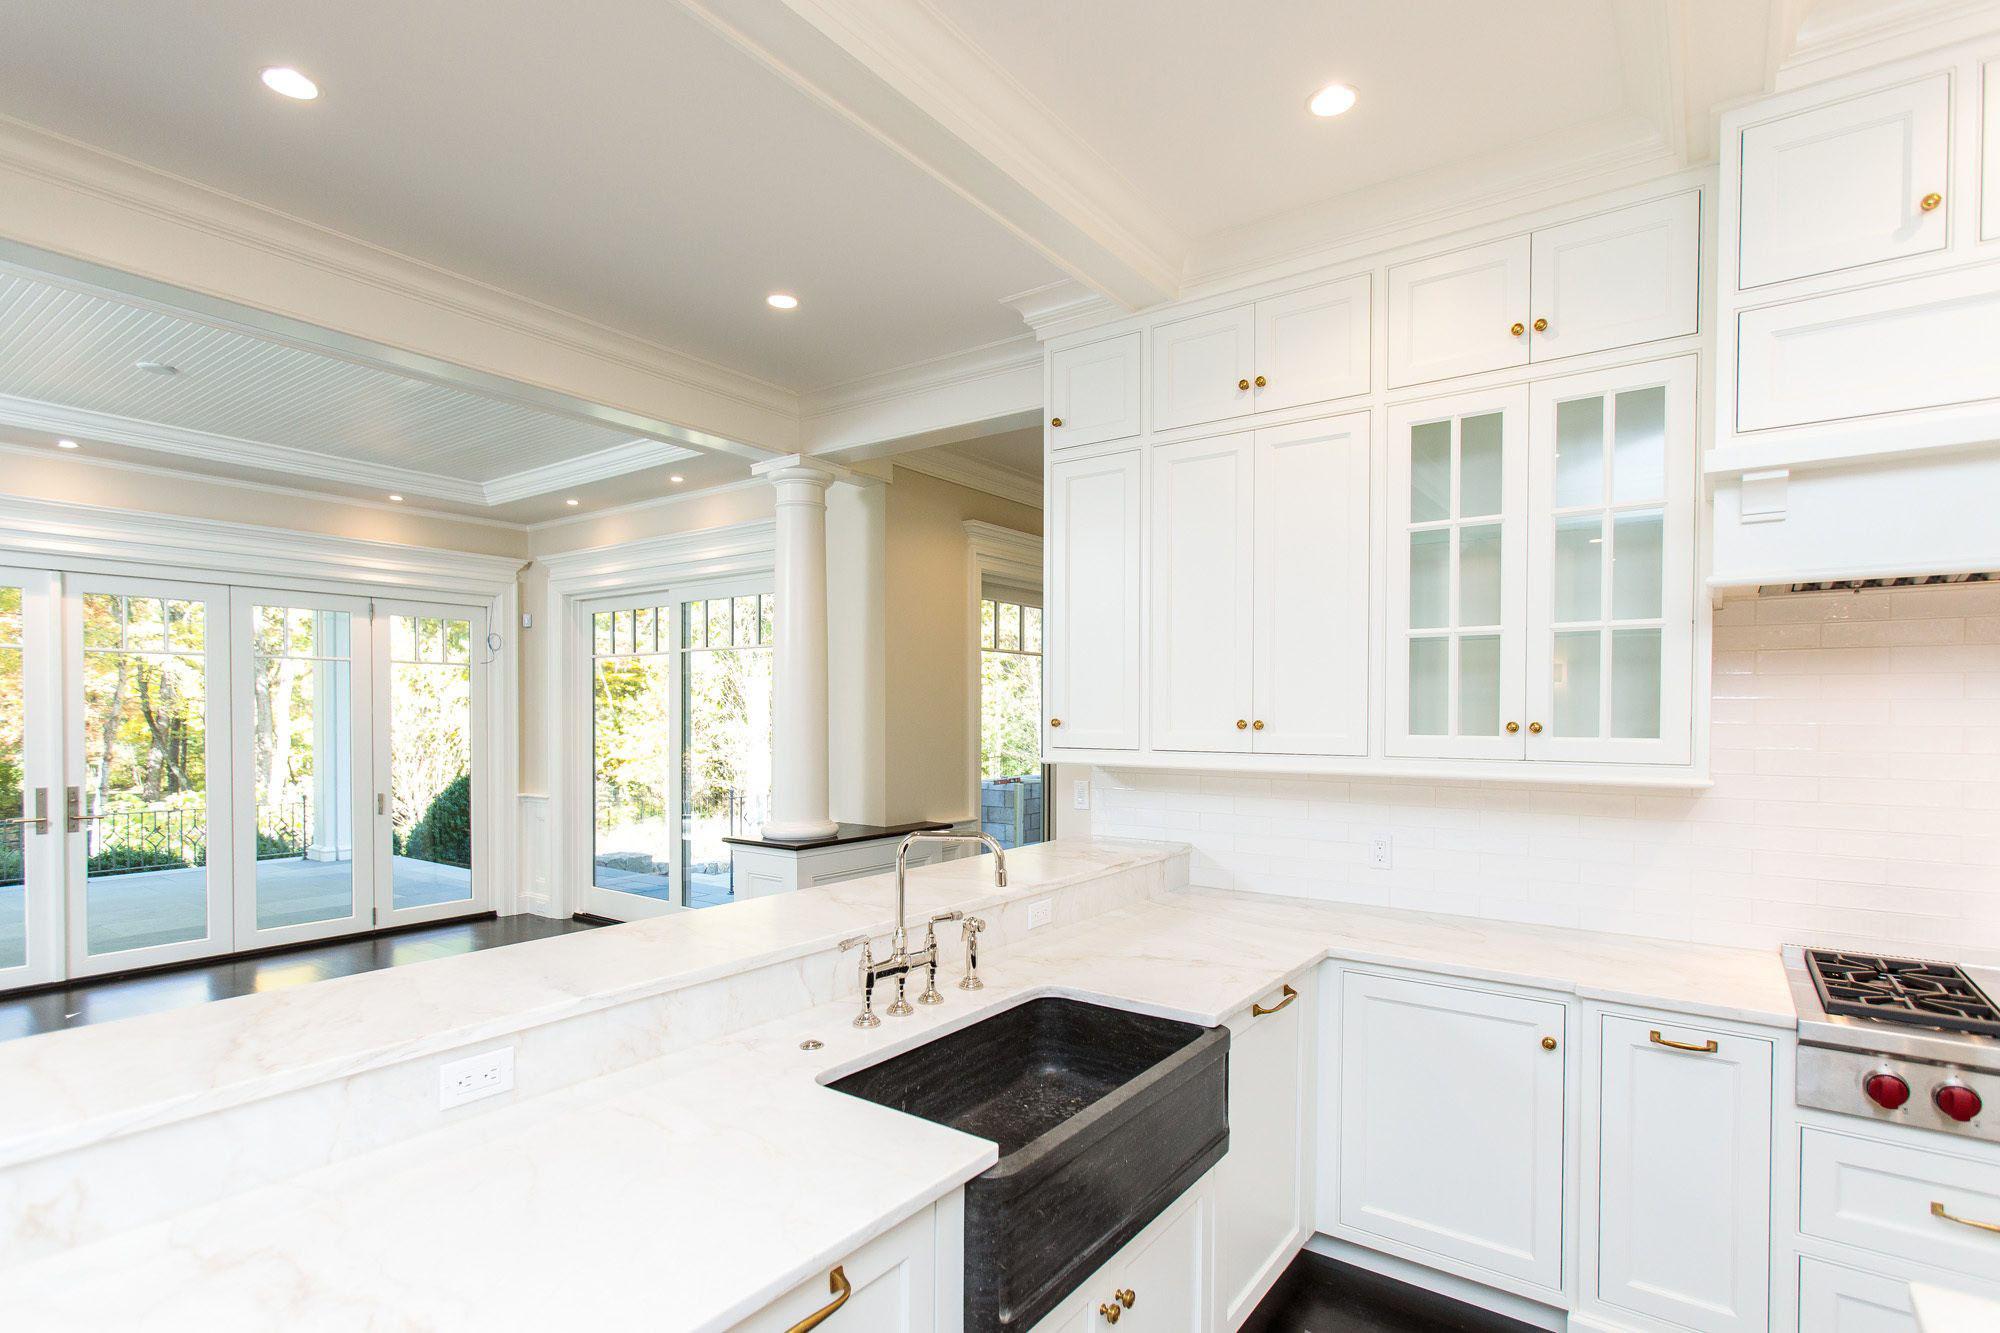 White kitchen with black stone farm house sink.